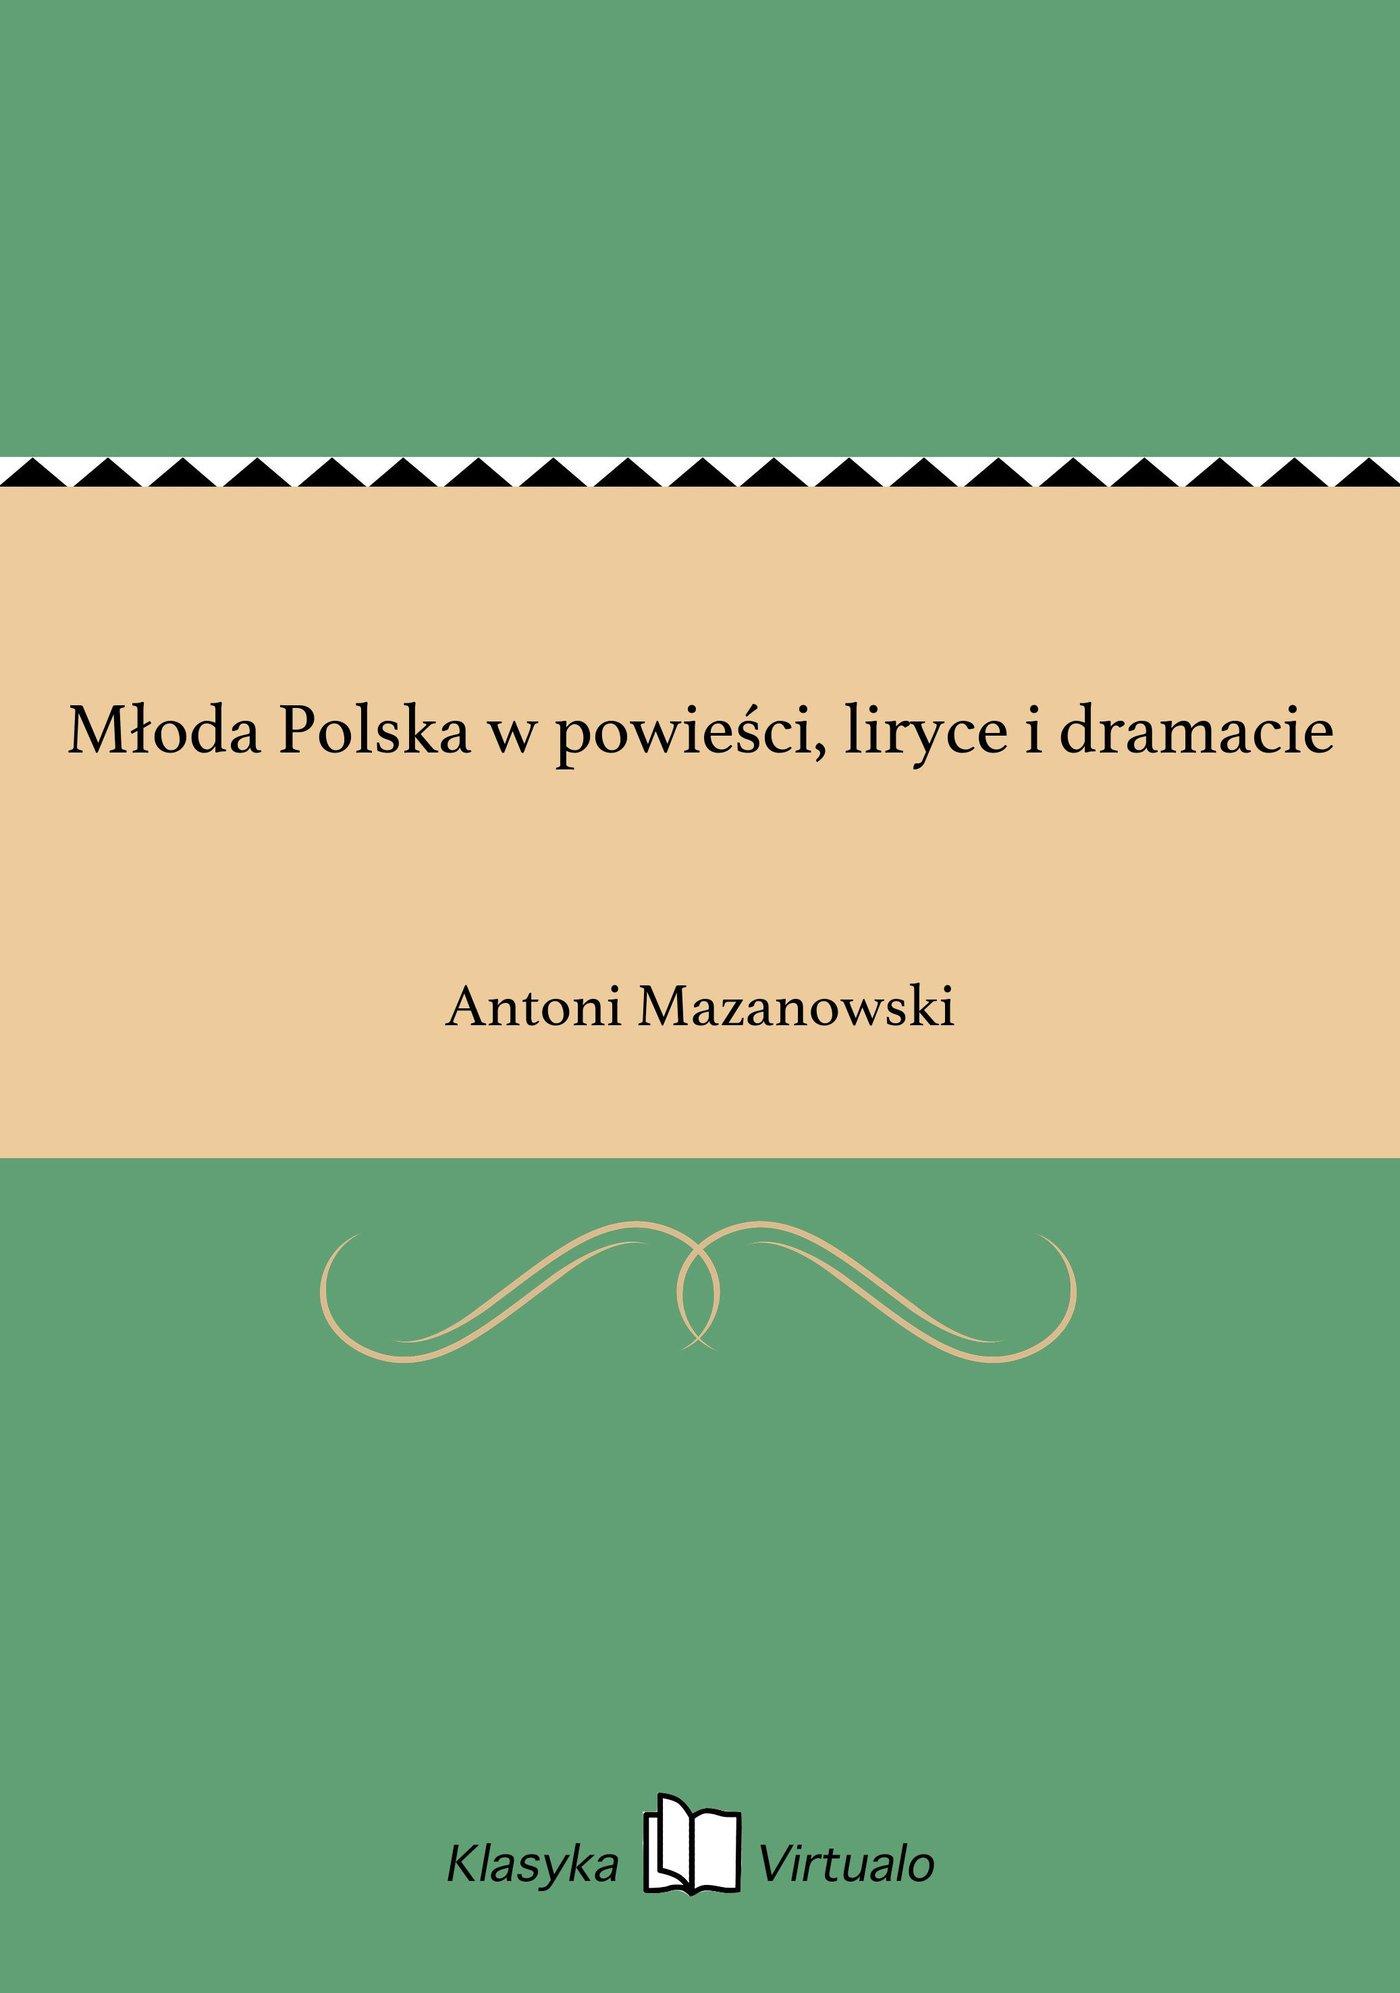 Młoda Polska w powieści, liryce i dramacie - Ebook (Książka EPUB) do pobrania w formacie EPUB